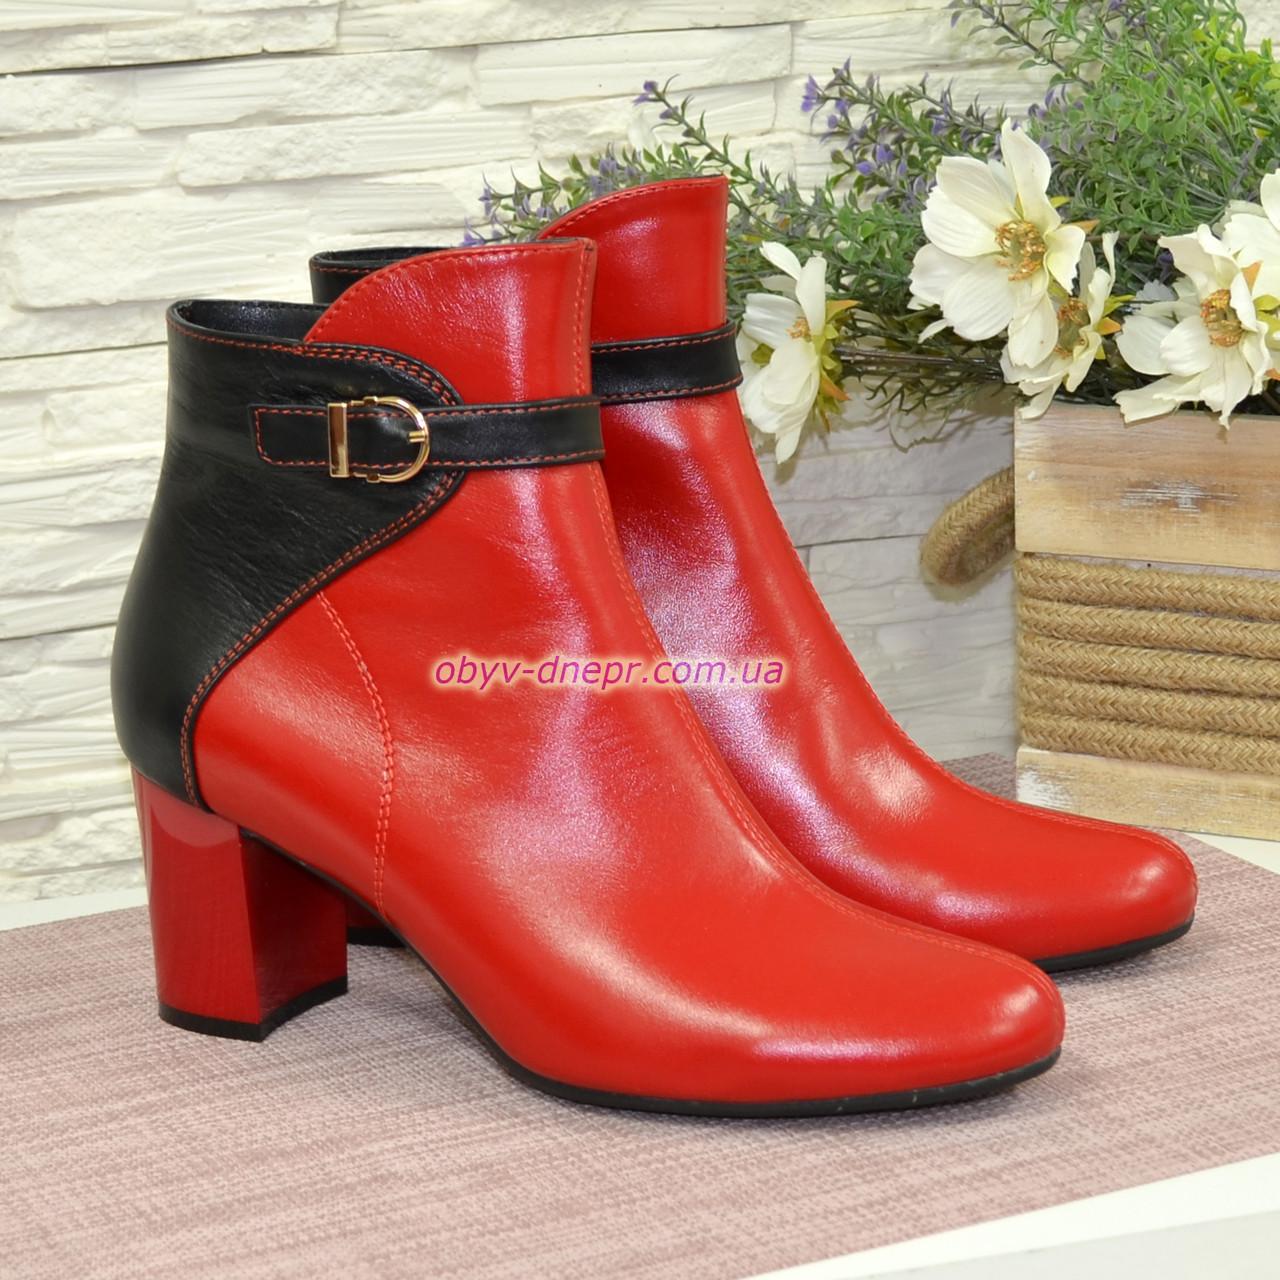 Ботинки зимние кожаные на невысоком каблуке, цвет красный/черный